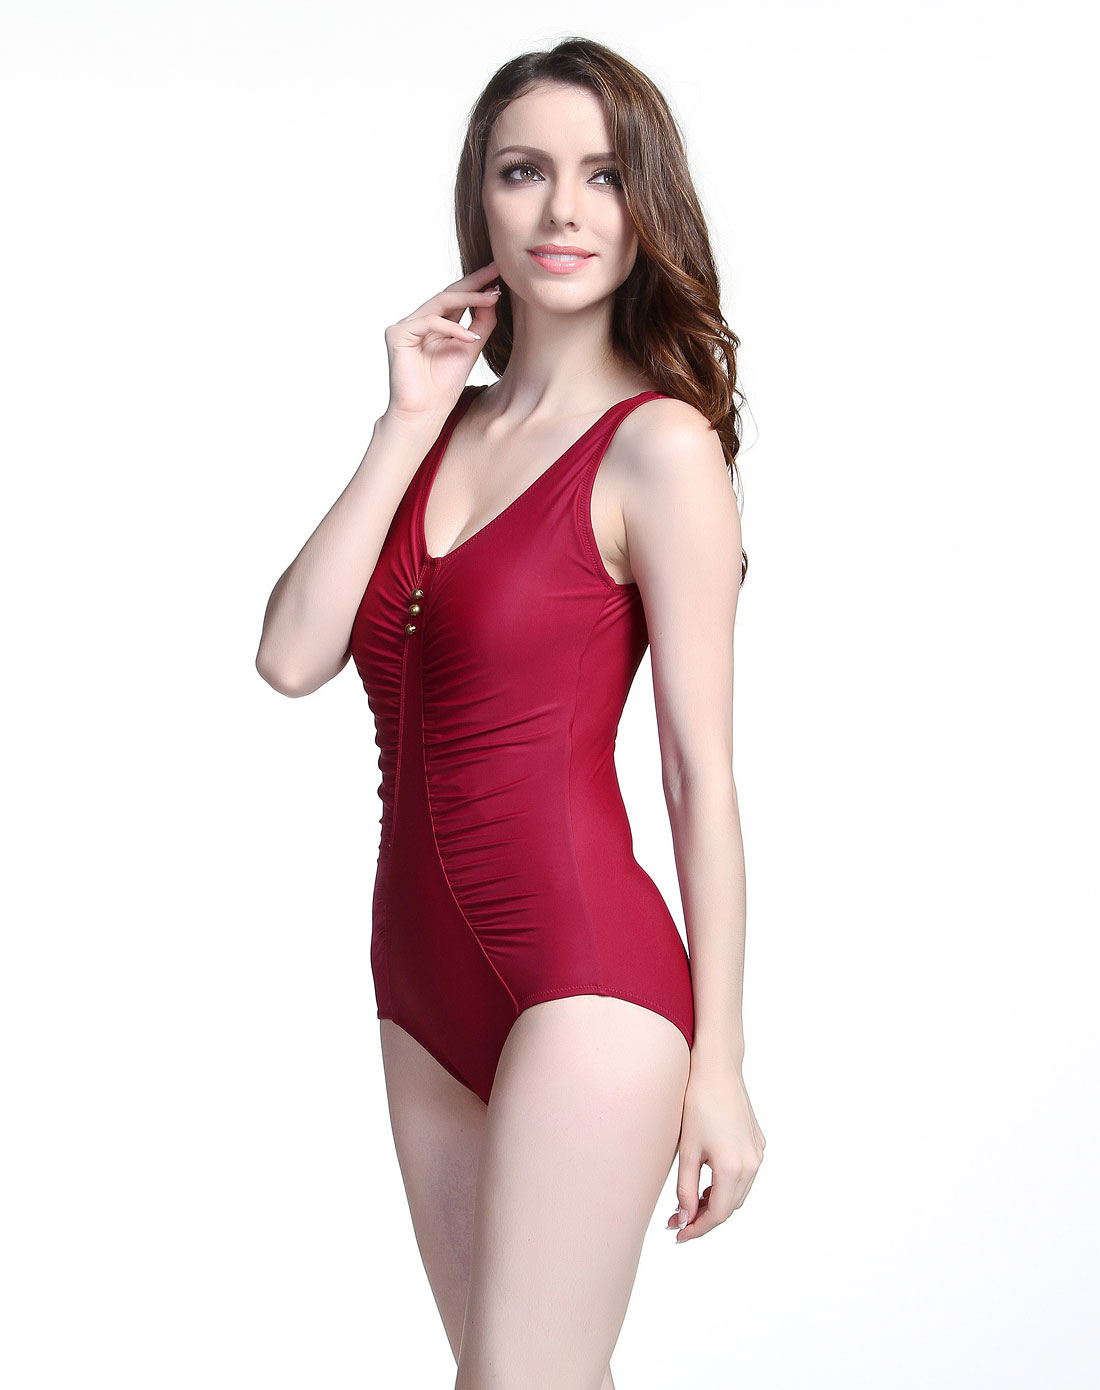 海浪&热浪泳衣混合专场-热浪 女款酒红色优雅修身连体式泳衣